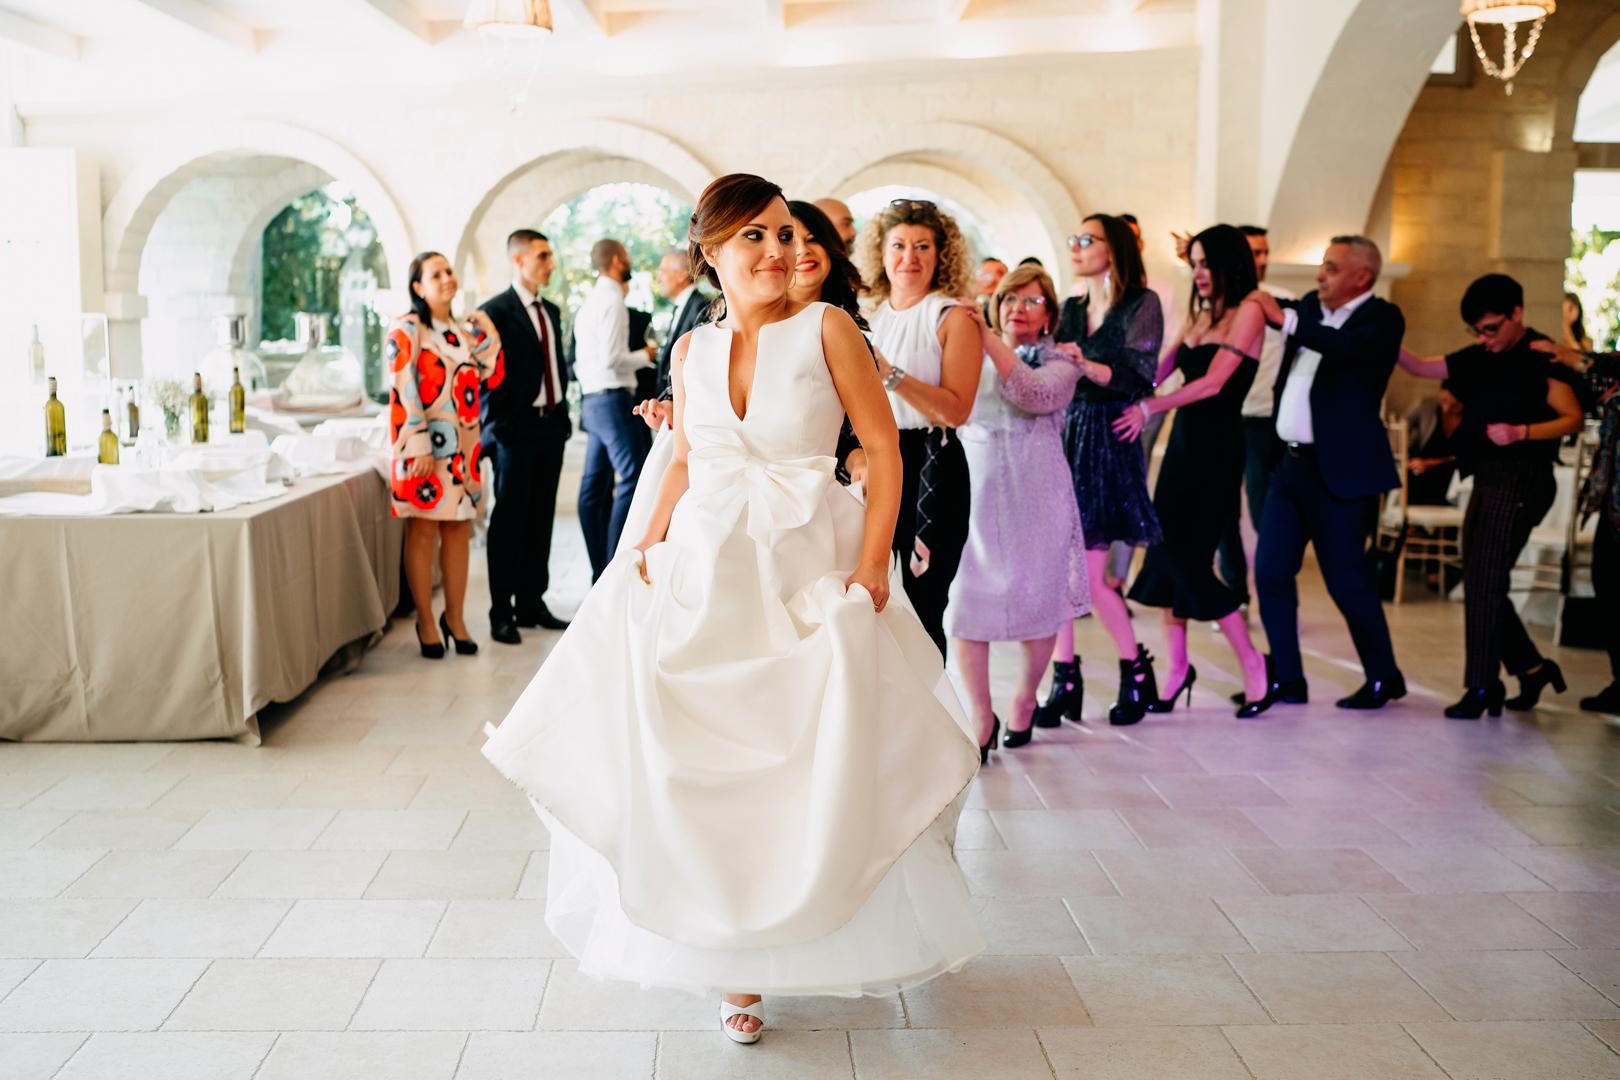 57 gianni-lepore-sposa-animazione-balli